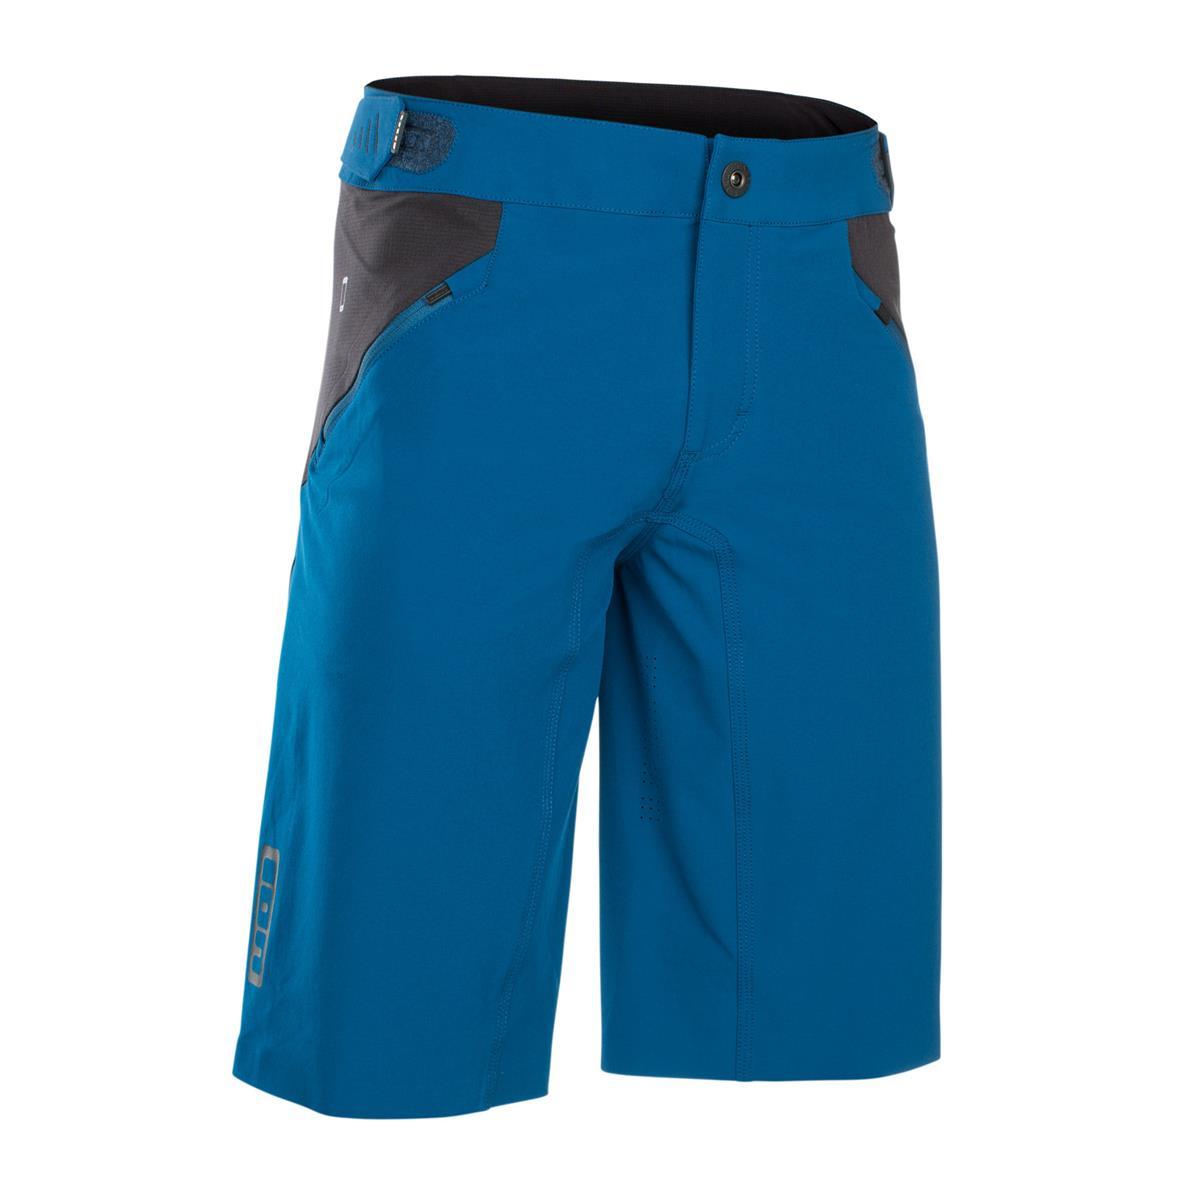 ION Bike-Short Traze Amp Ocean Blau